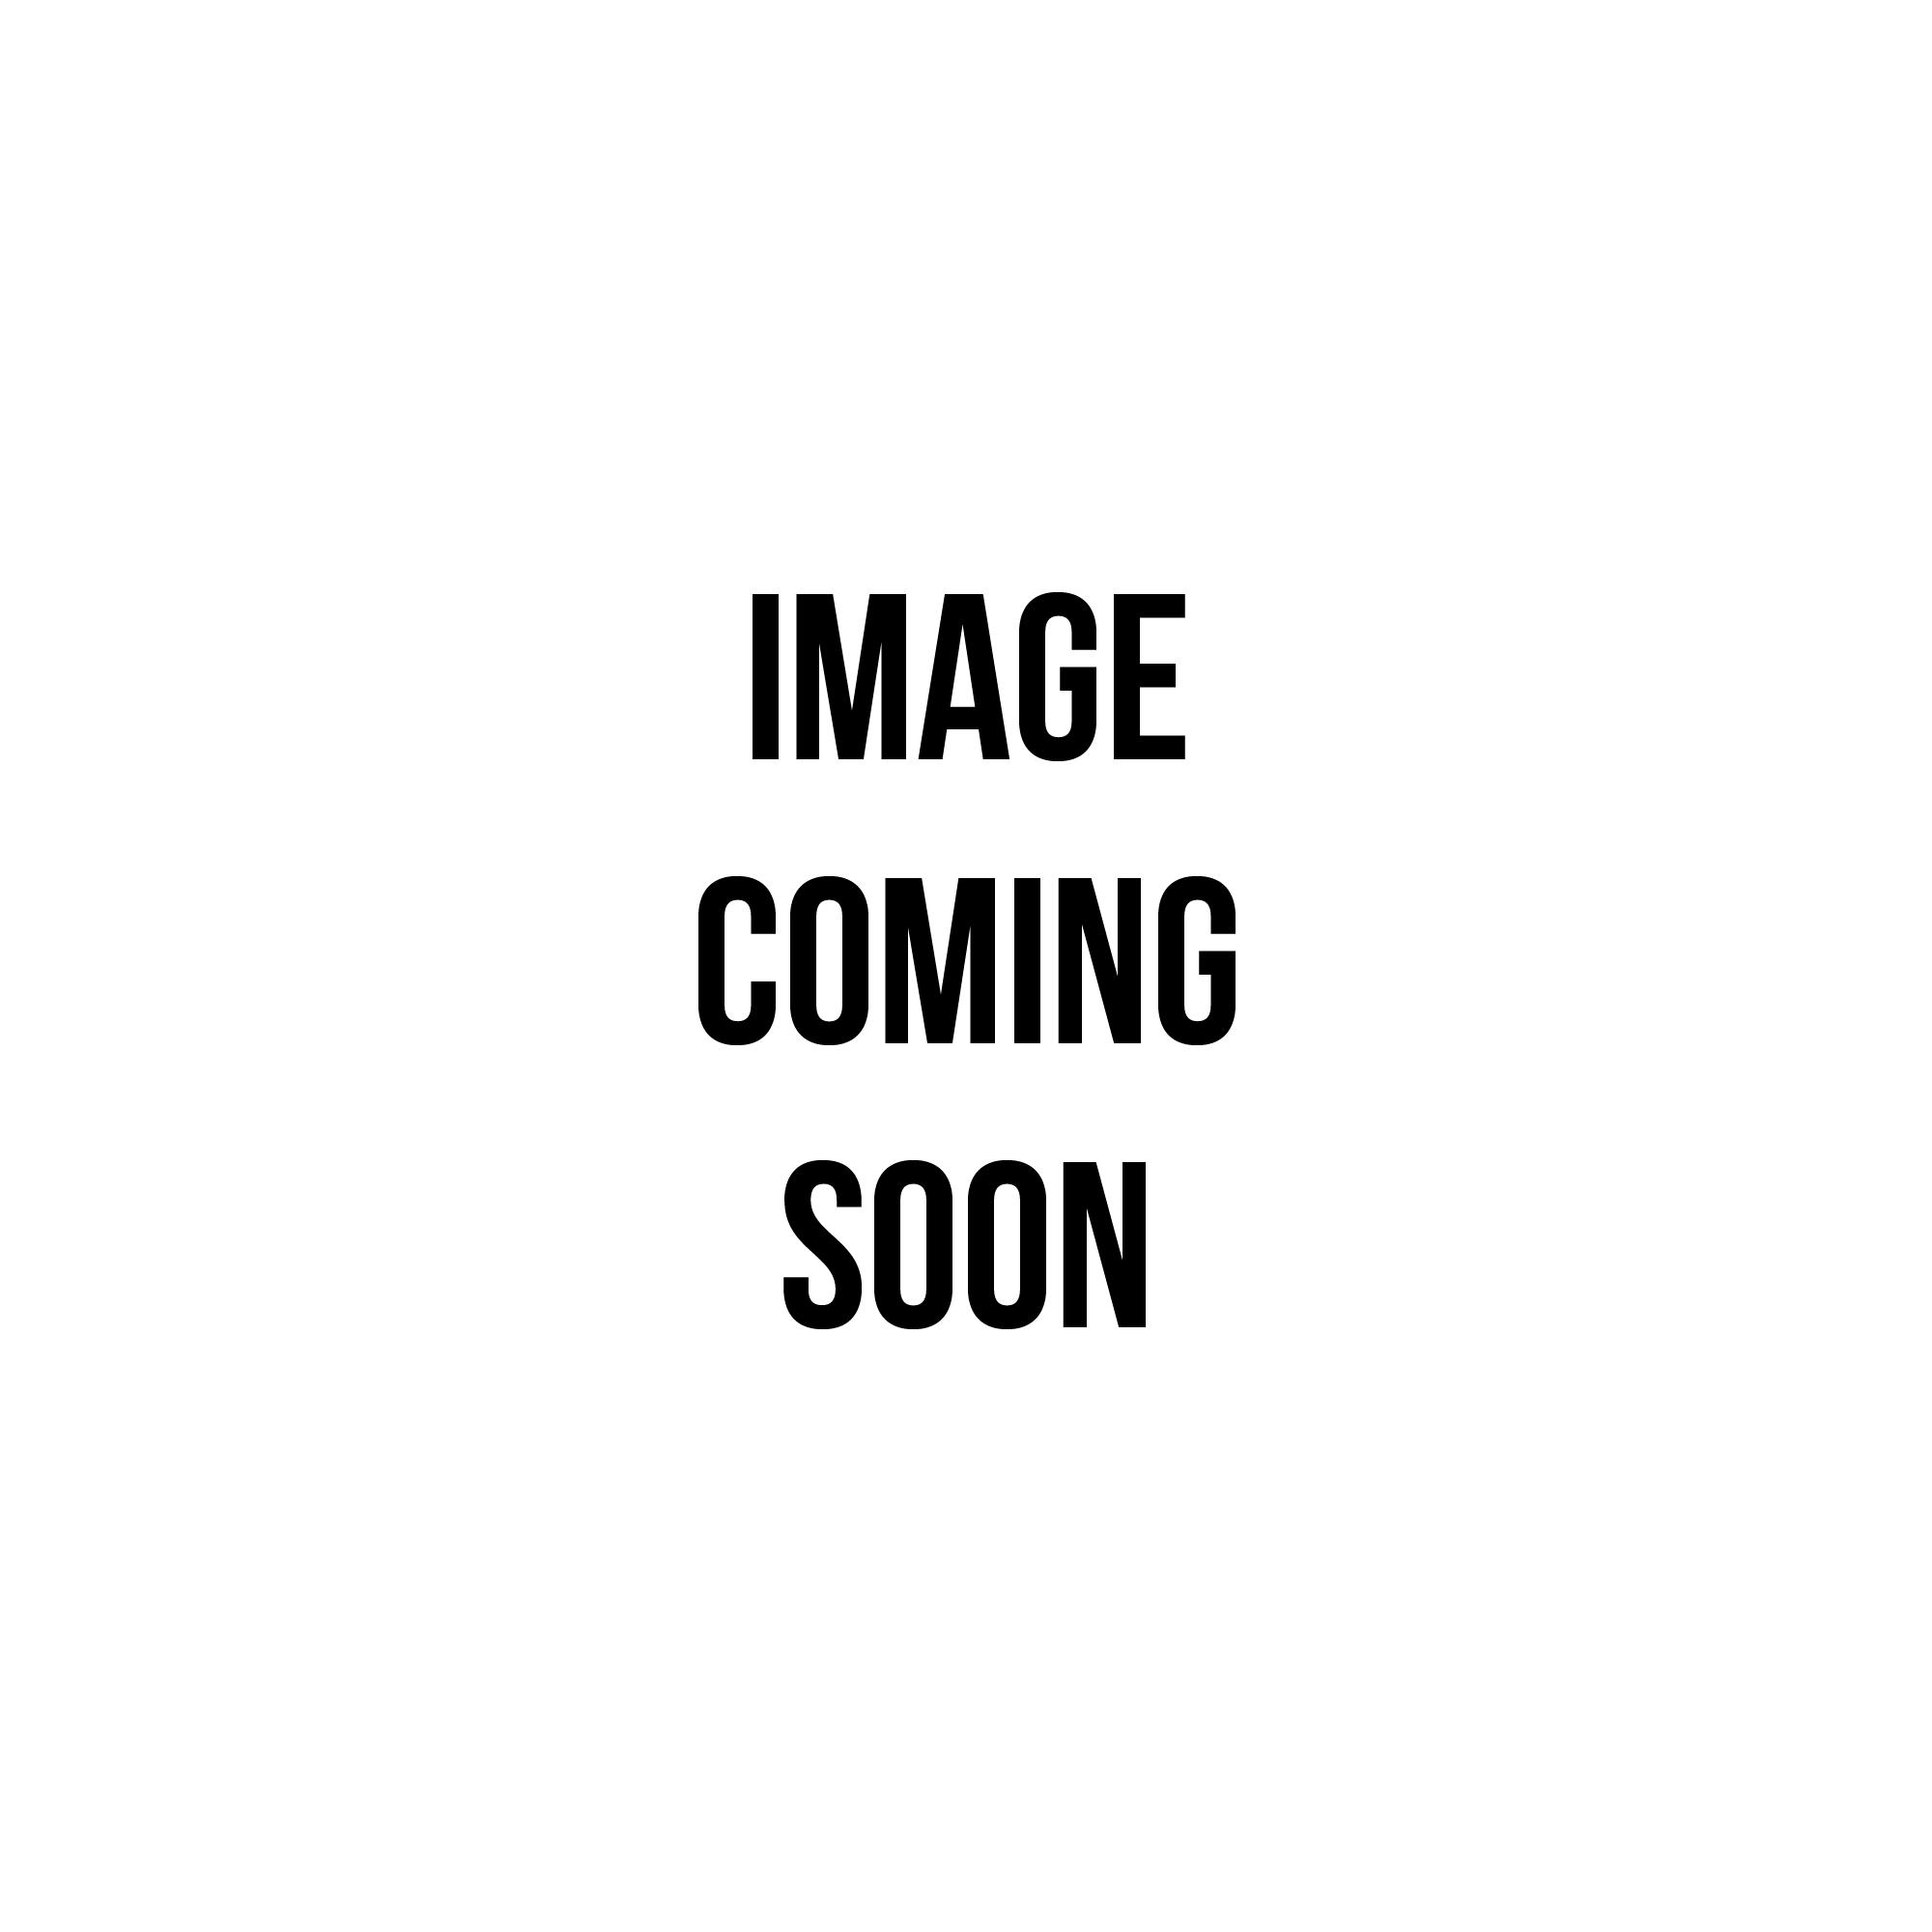 sneakernews discount Nike Stefan Janoski Max Mesh Gris Réduction édition limitée vente extrêmement jeu obtenir authentique original rabais 3CRLnwJ